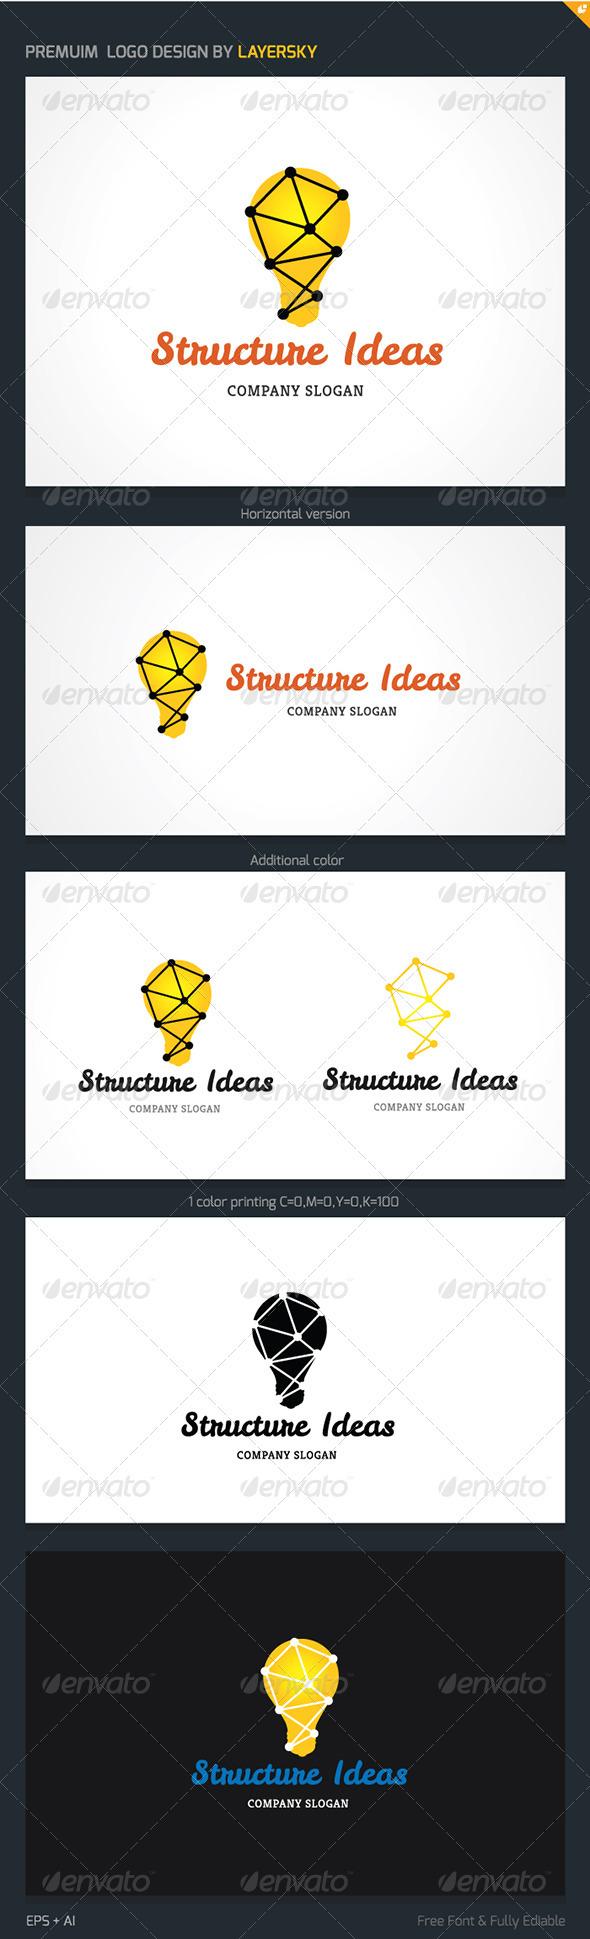 GraphicRiver Structure Ideas Logo 3868290